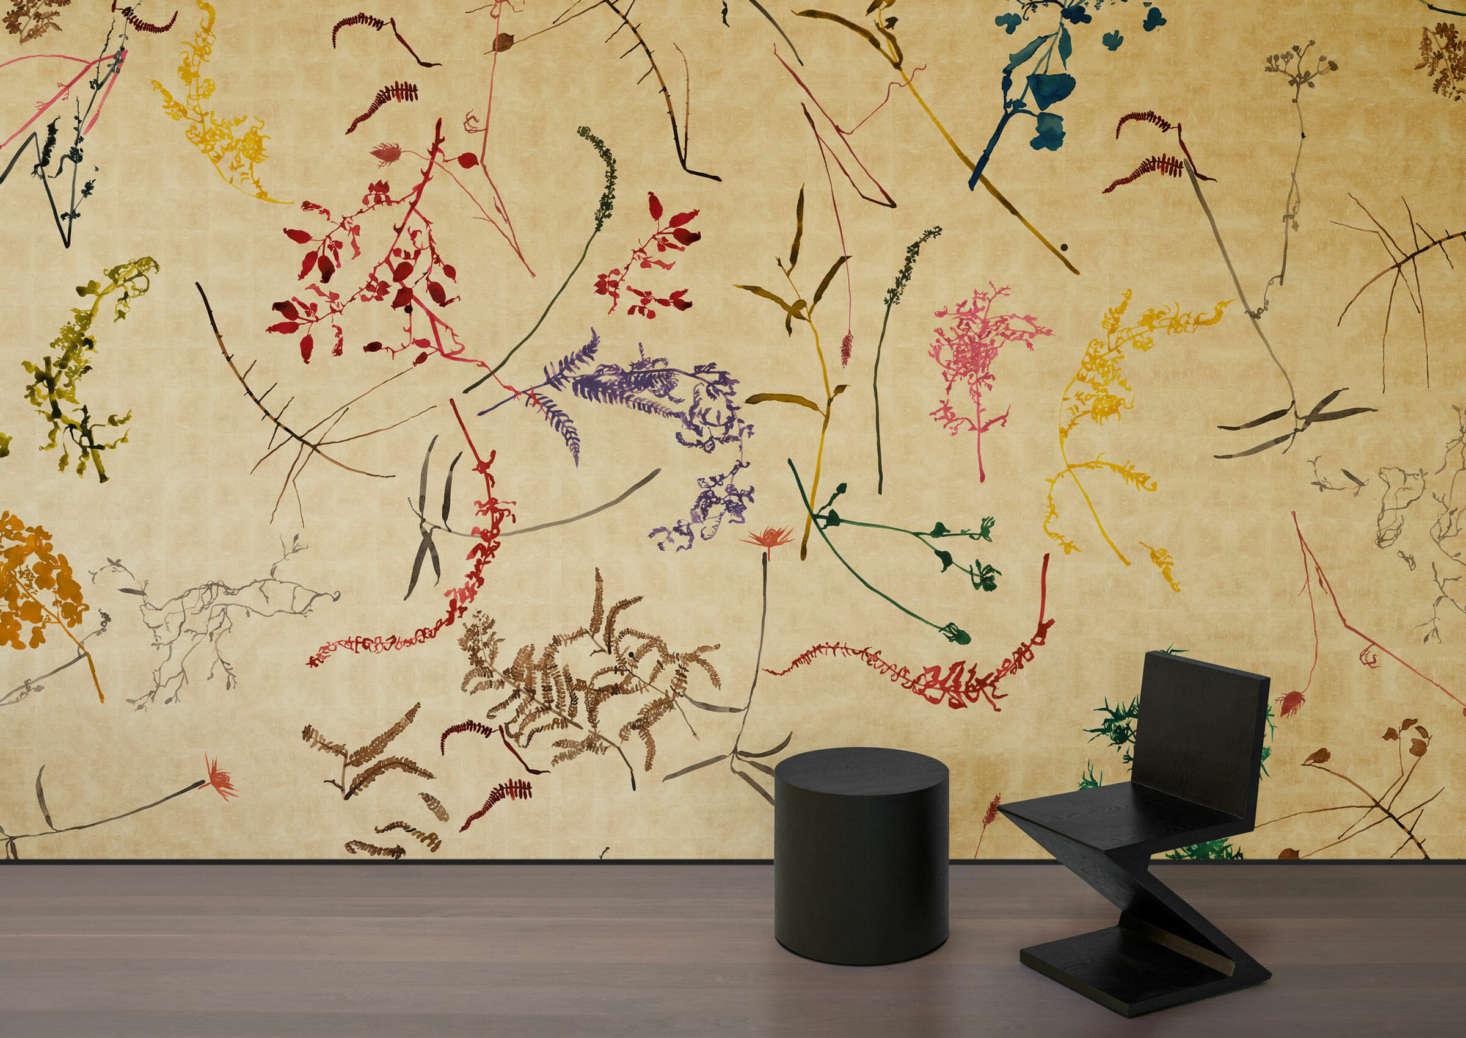 设计师·埃米特里的一个叫你的人,你就像你把意大利家具放在巴黎一样。看《朱丽叶》:朱丽叶·埃珀·格林的新网站,是一系列的新版本。